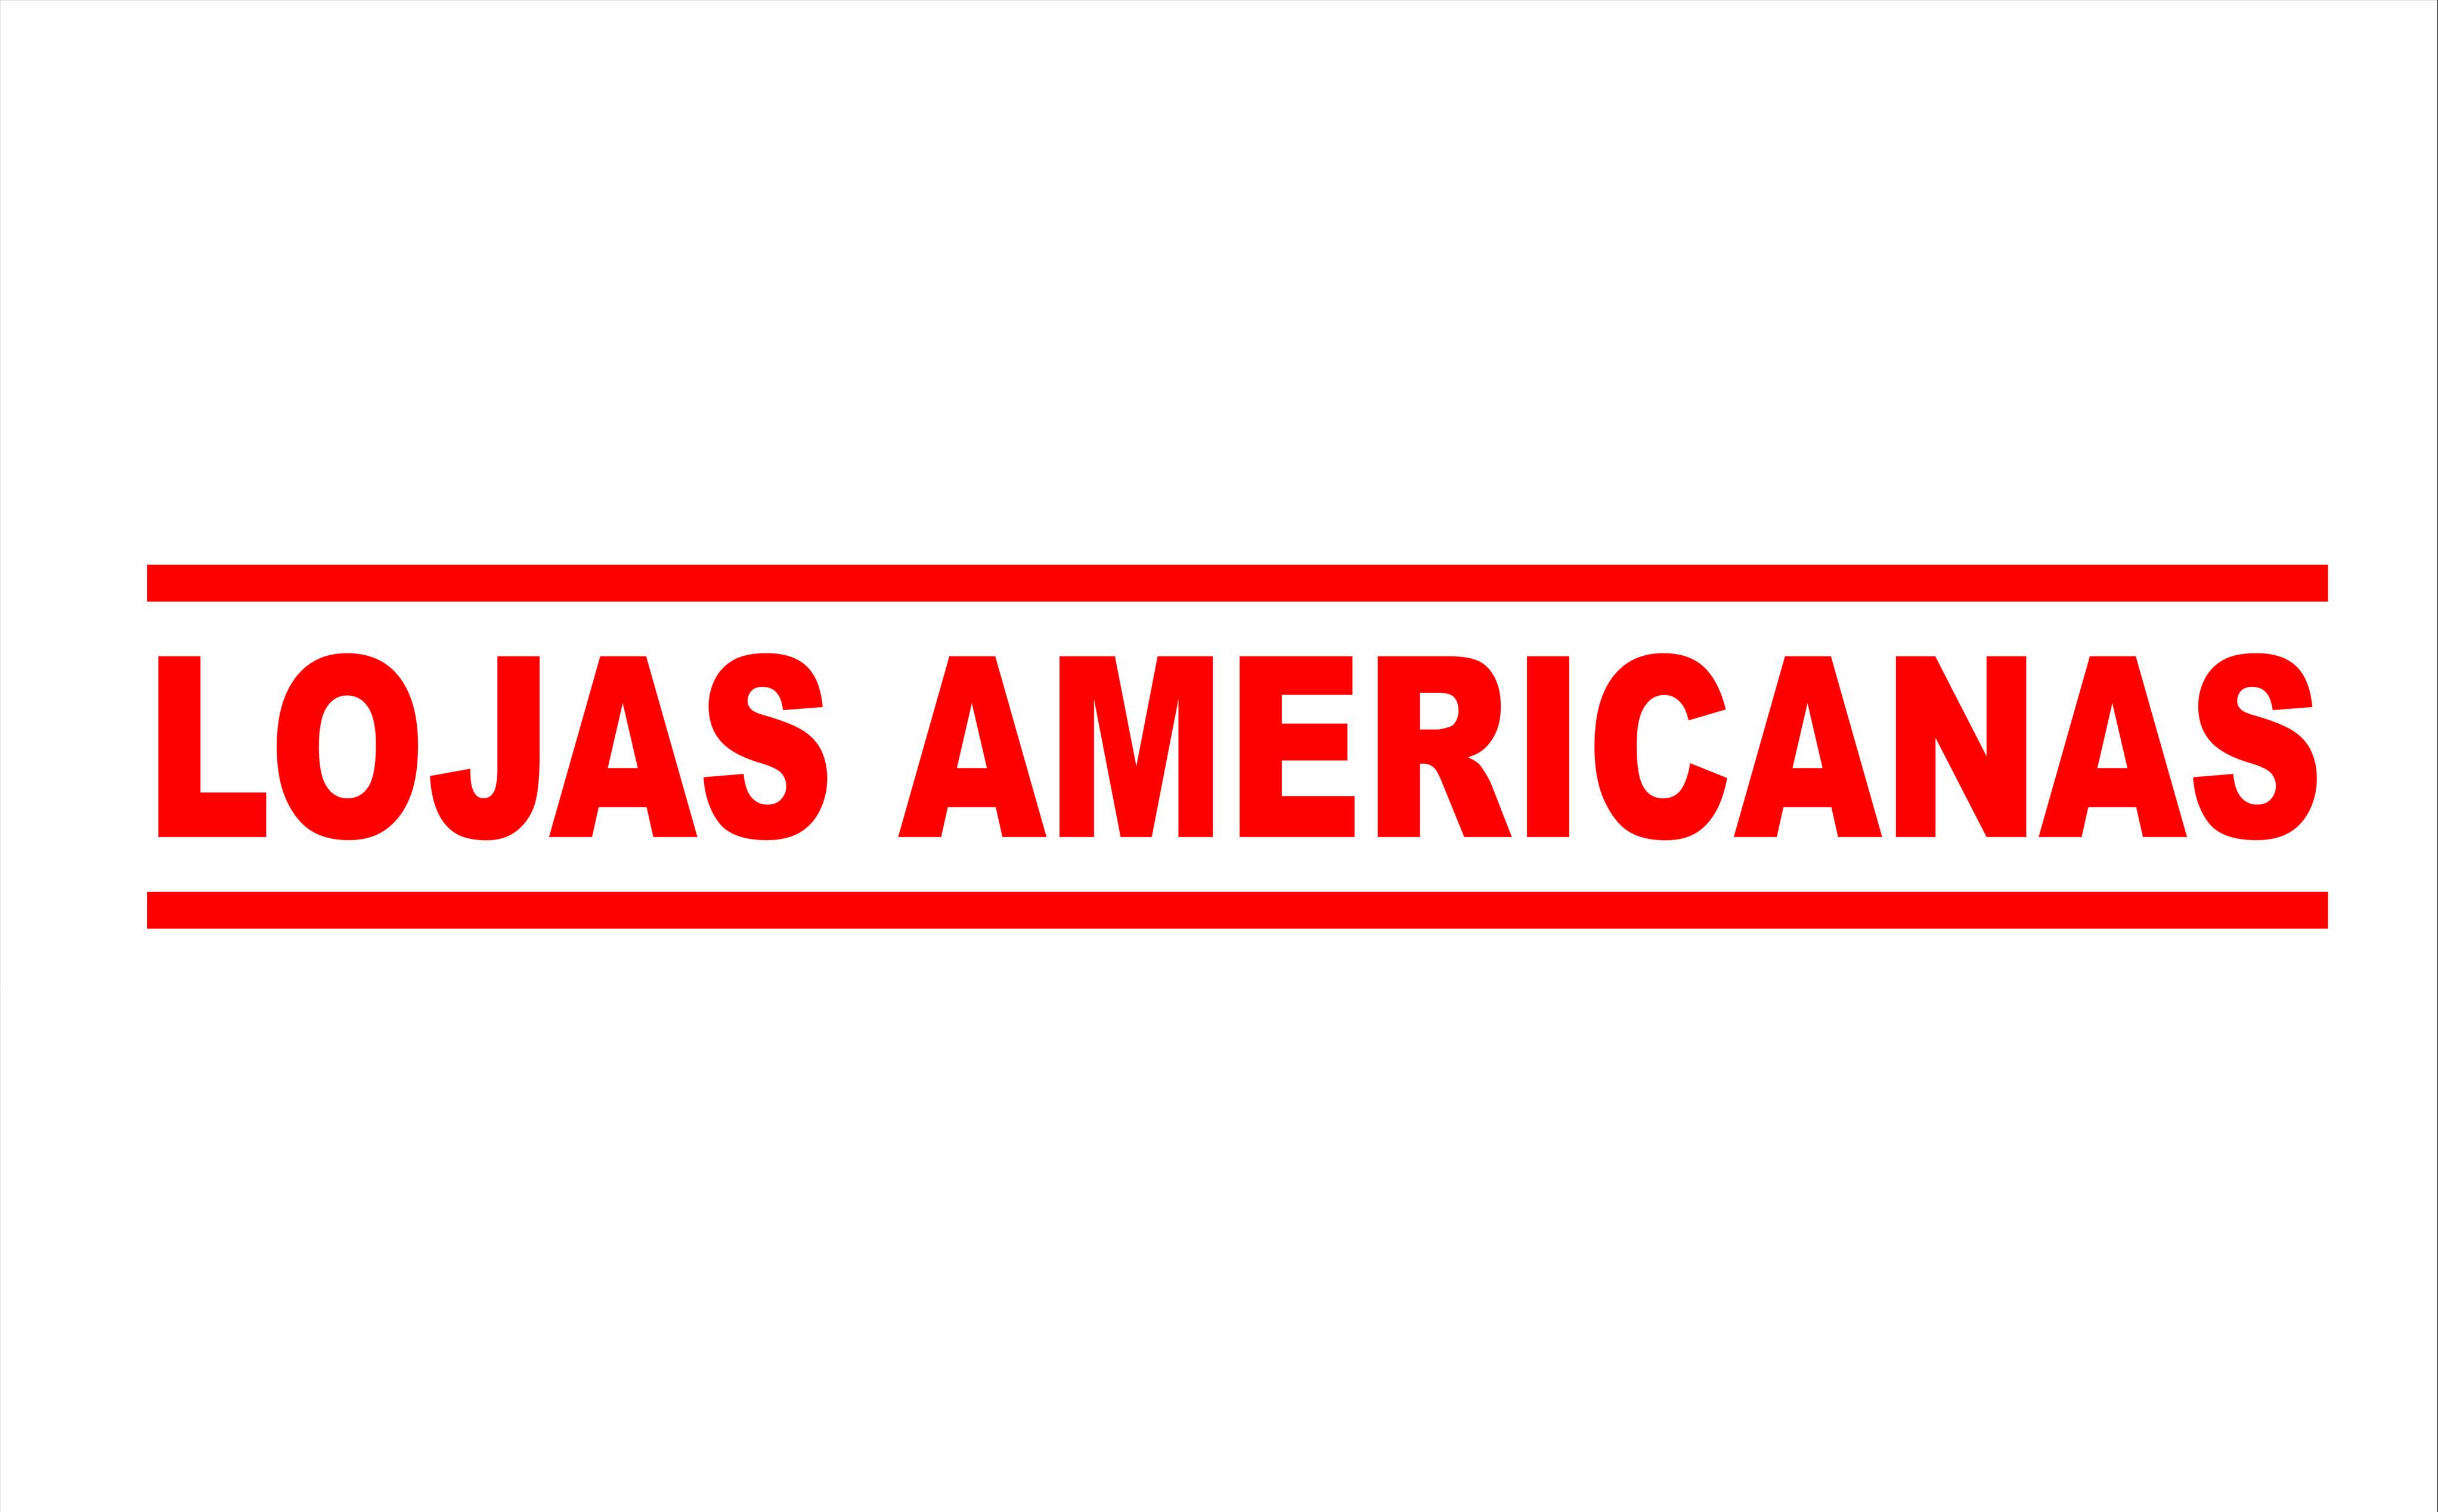 Quer Trabalhar nas Lojas Americanas? Envie Seu Currículo